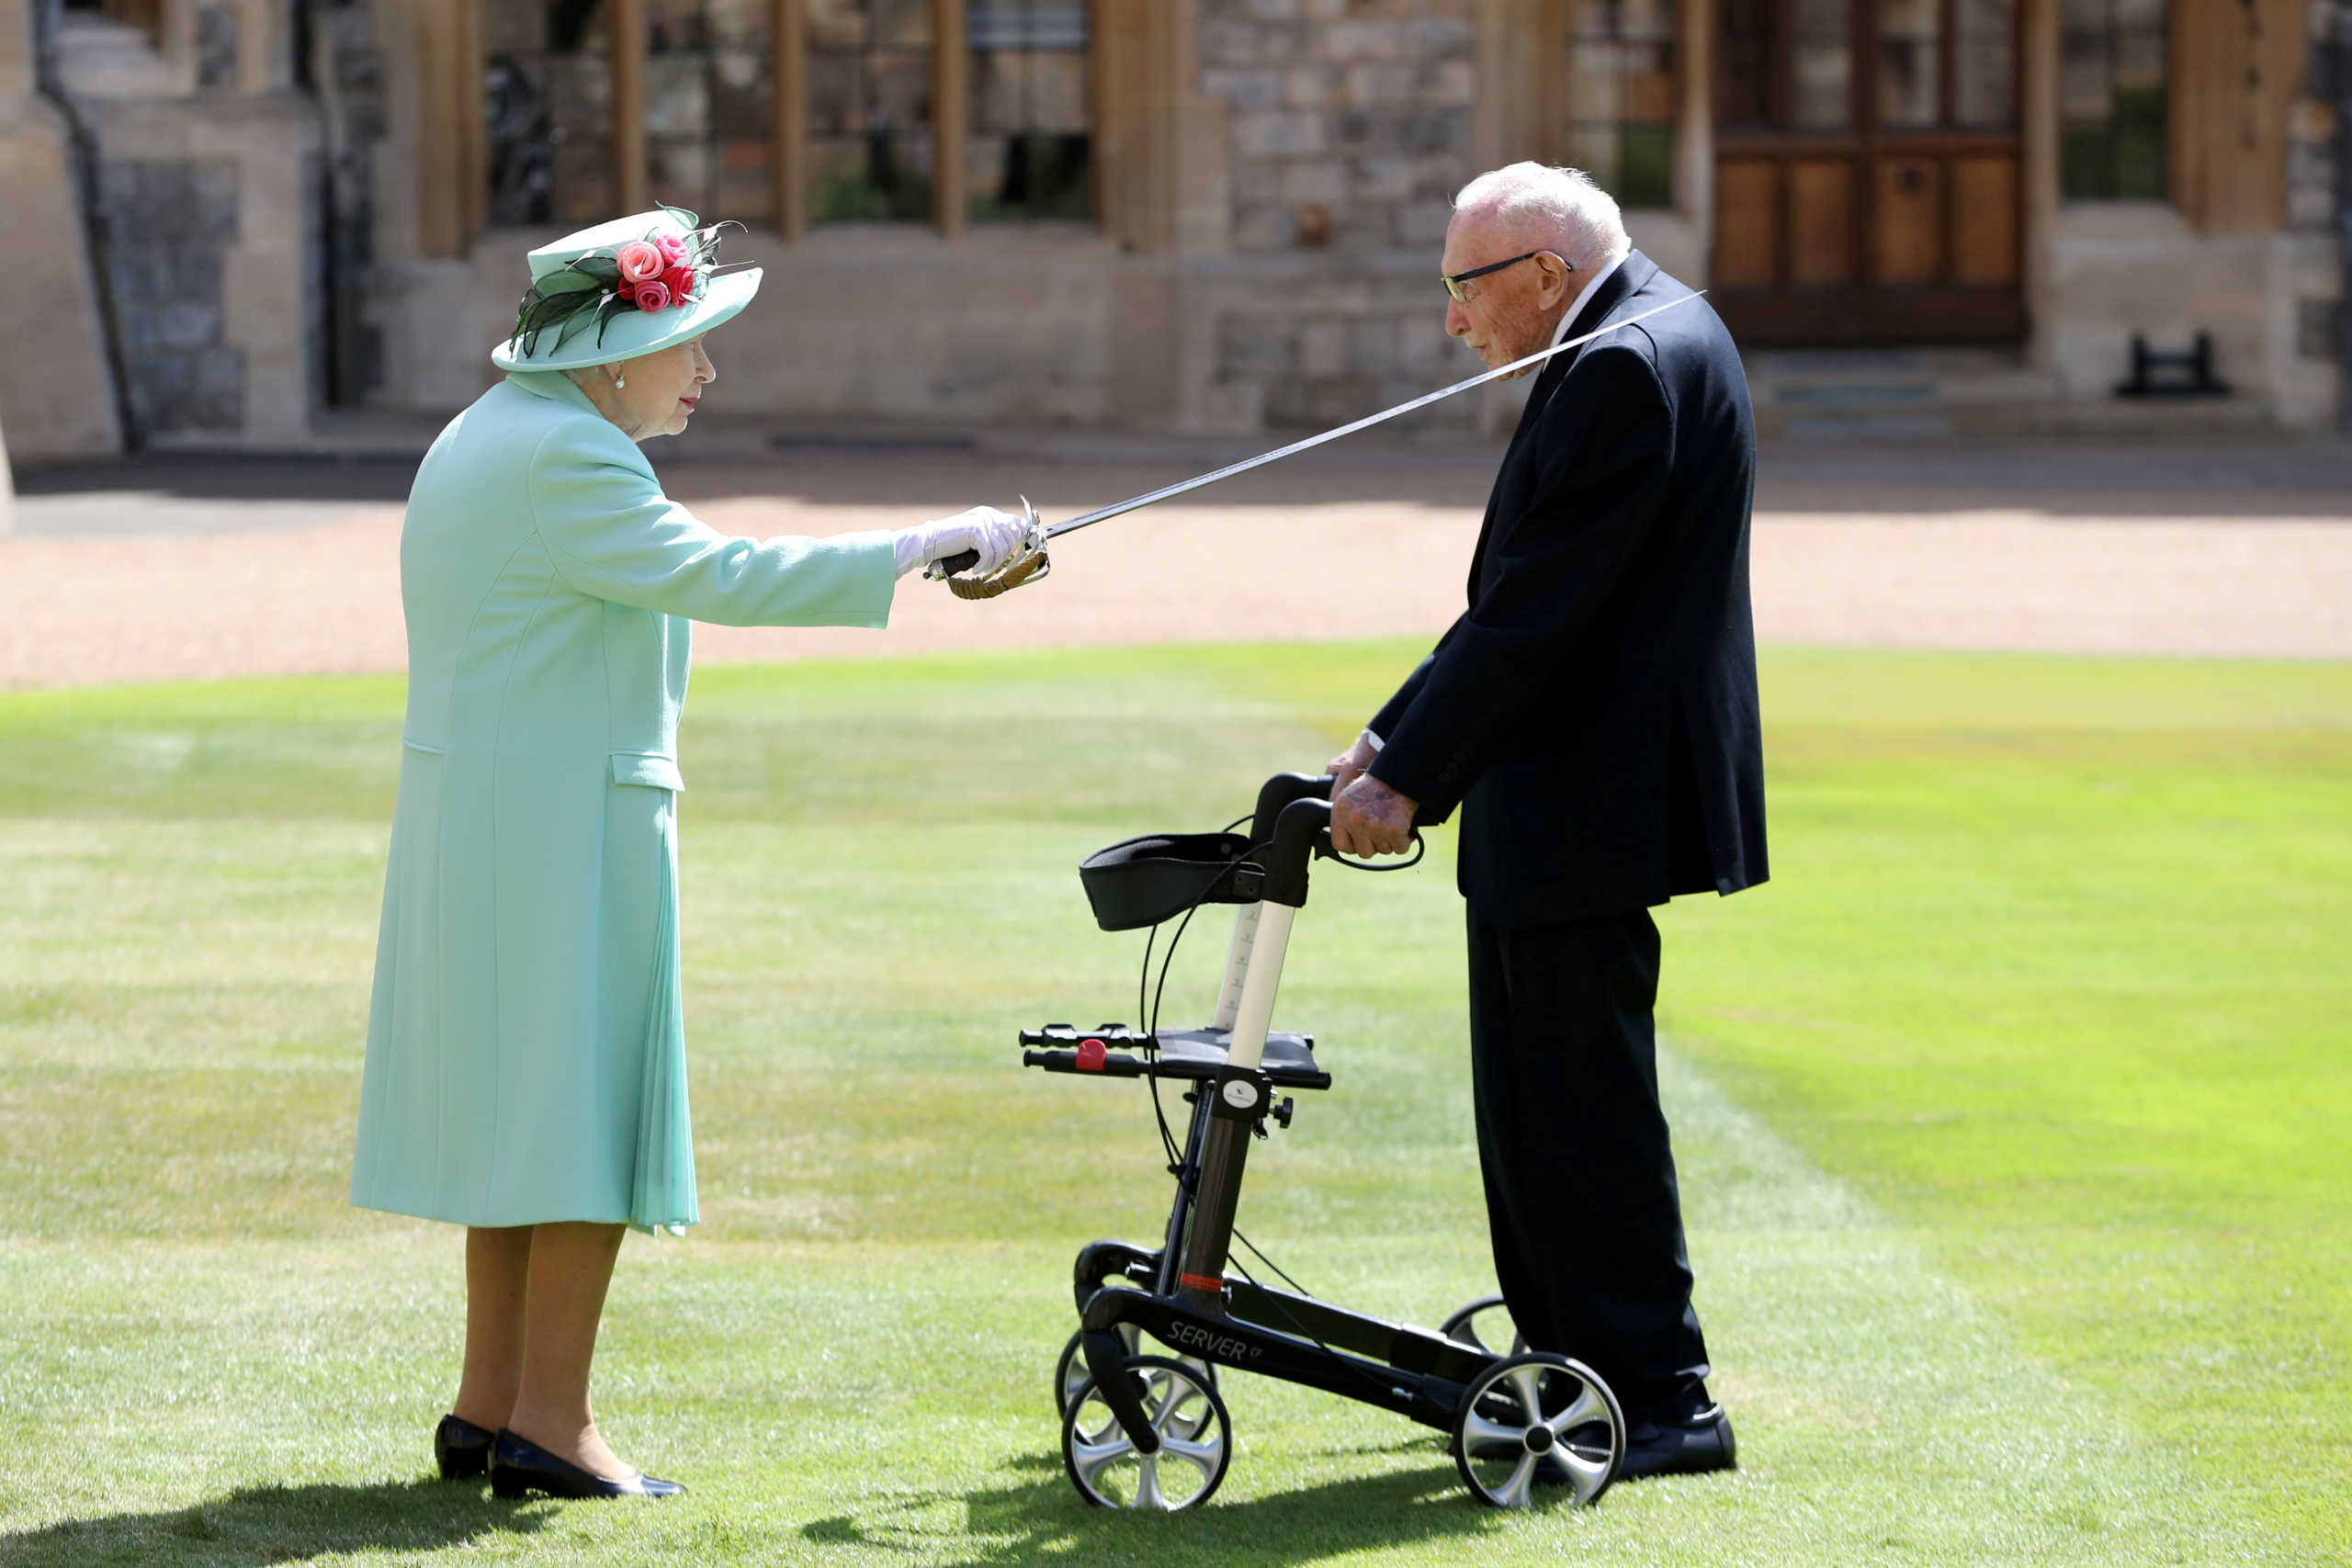 Η Βασίλισσα Ελισάβετ «υποκλίνεται» στον υπεραιωνόβιο «Κάπτεν Τομ» που νικήθηκε από τον κορονοϊό (video)